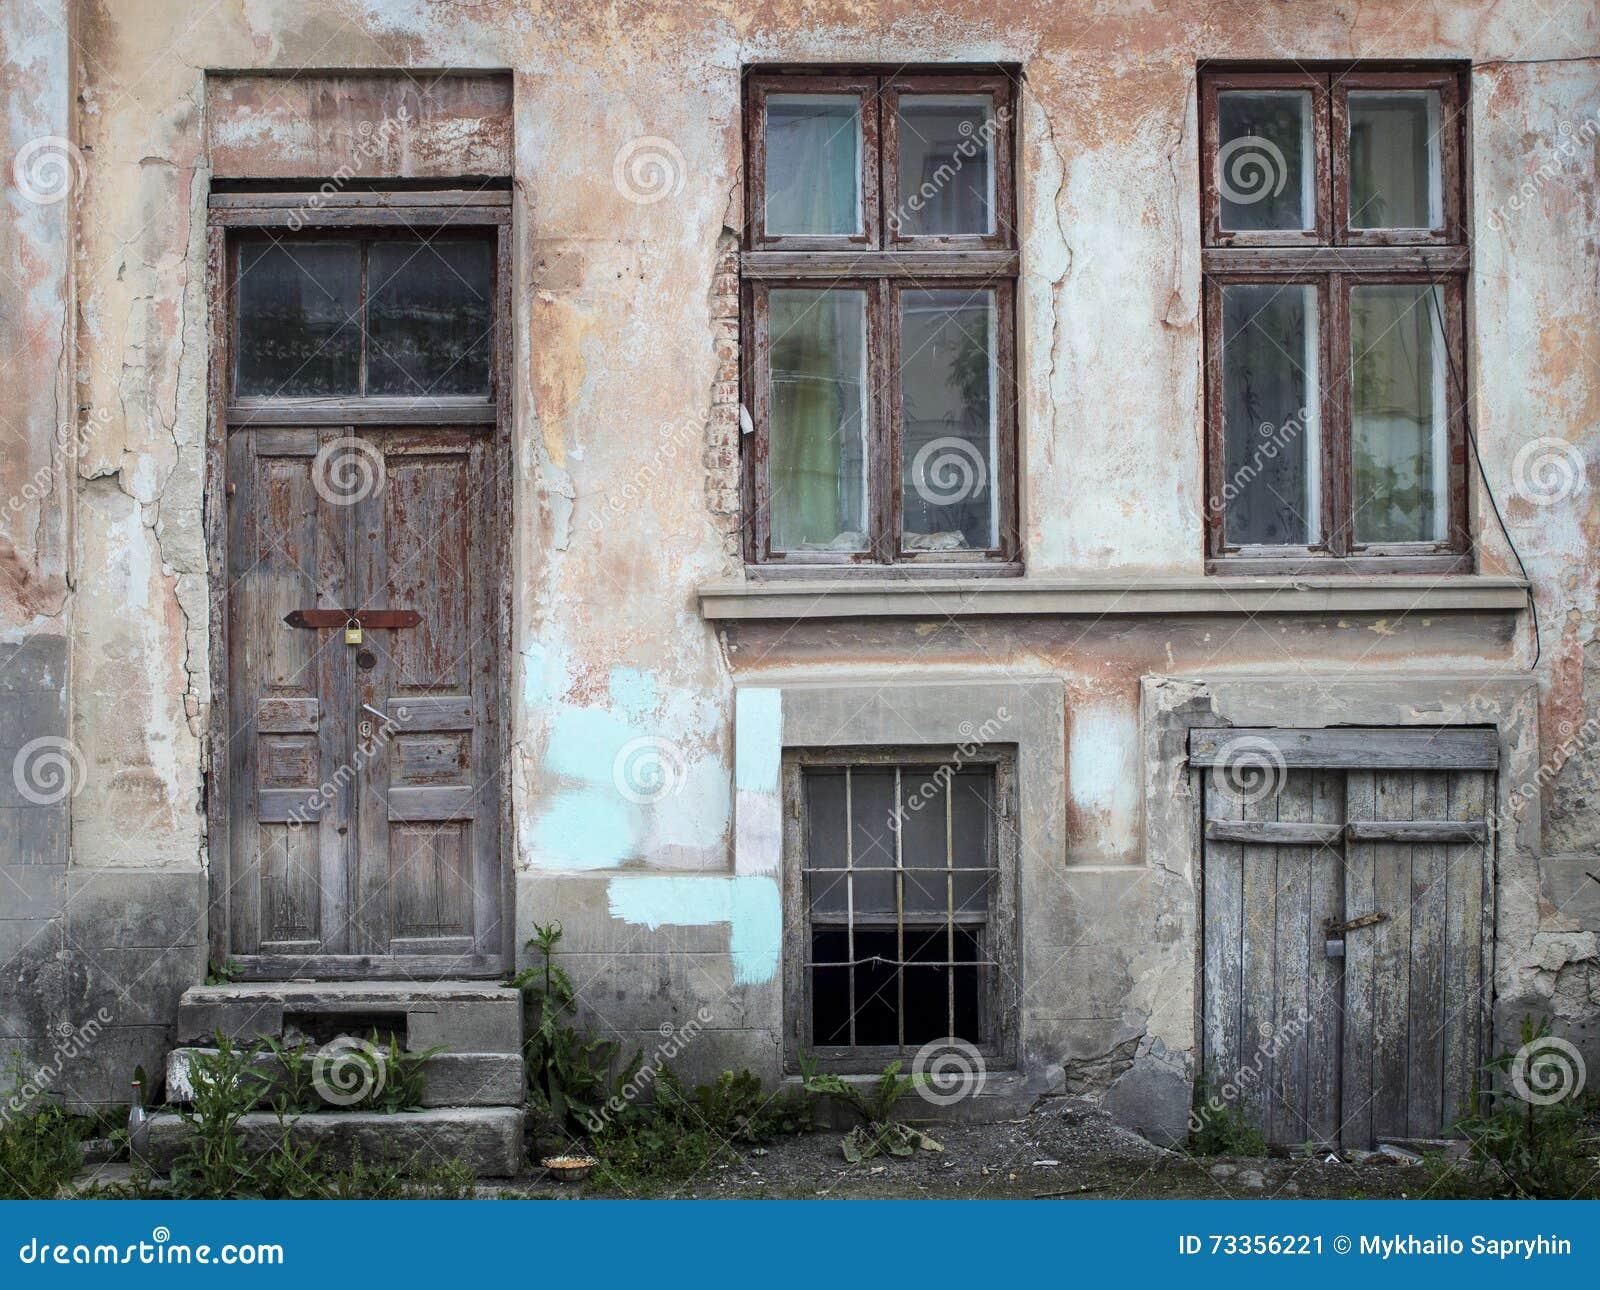 Vecchie porte e finestre di legno con la pianta sulla parete fotografia stock immagine 73356221 - Guarnizioni finestre vecchie ...